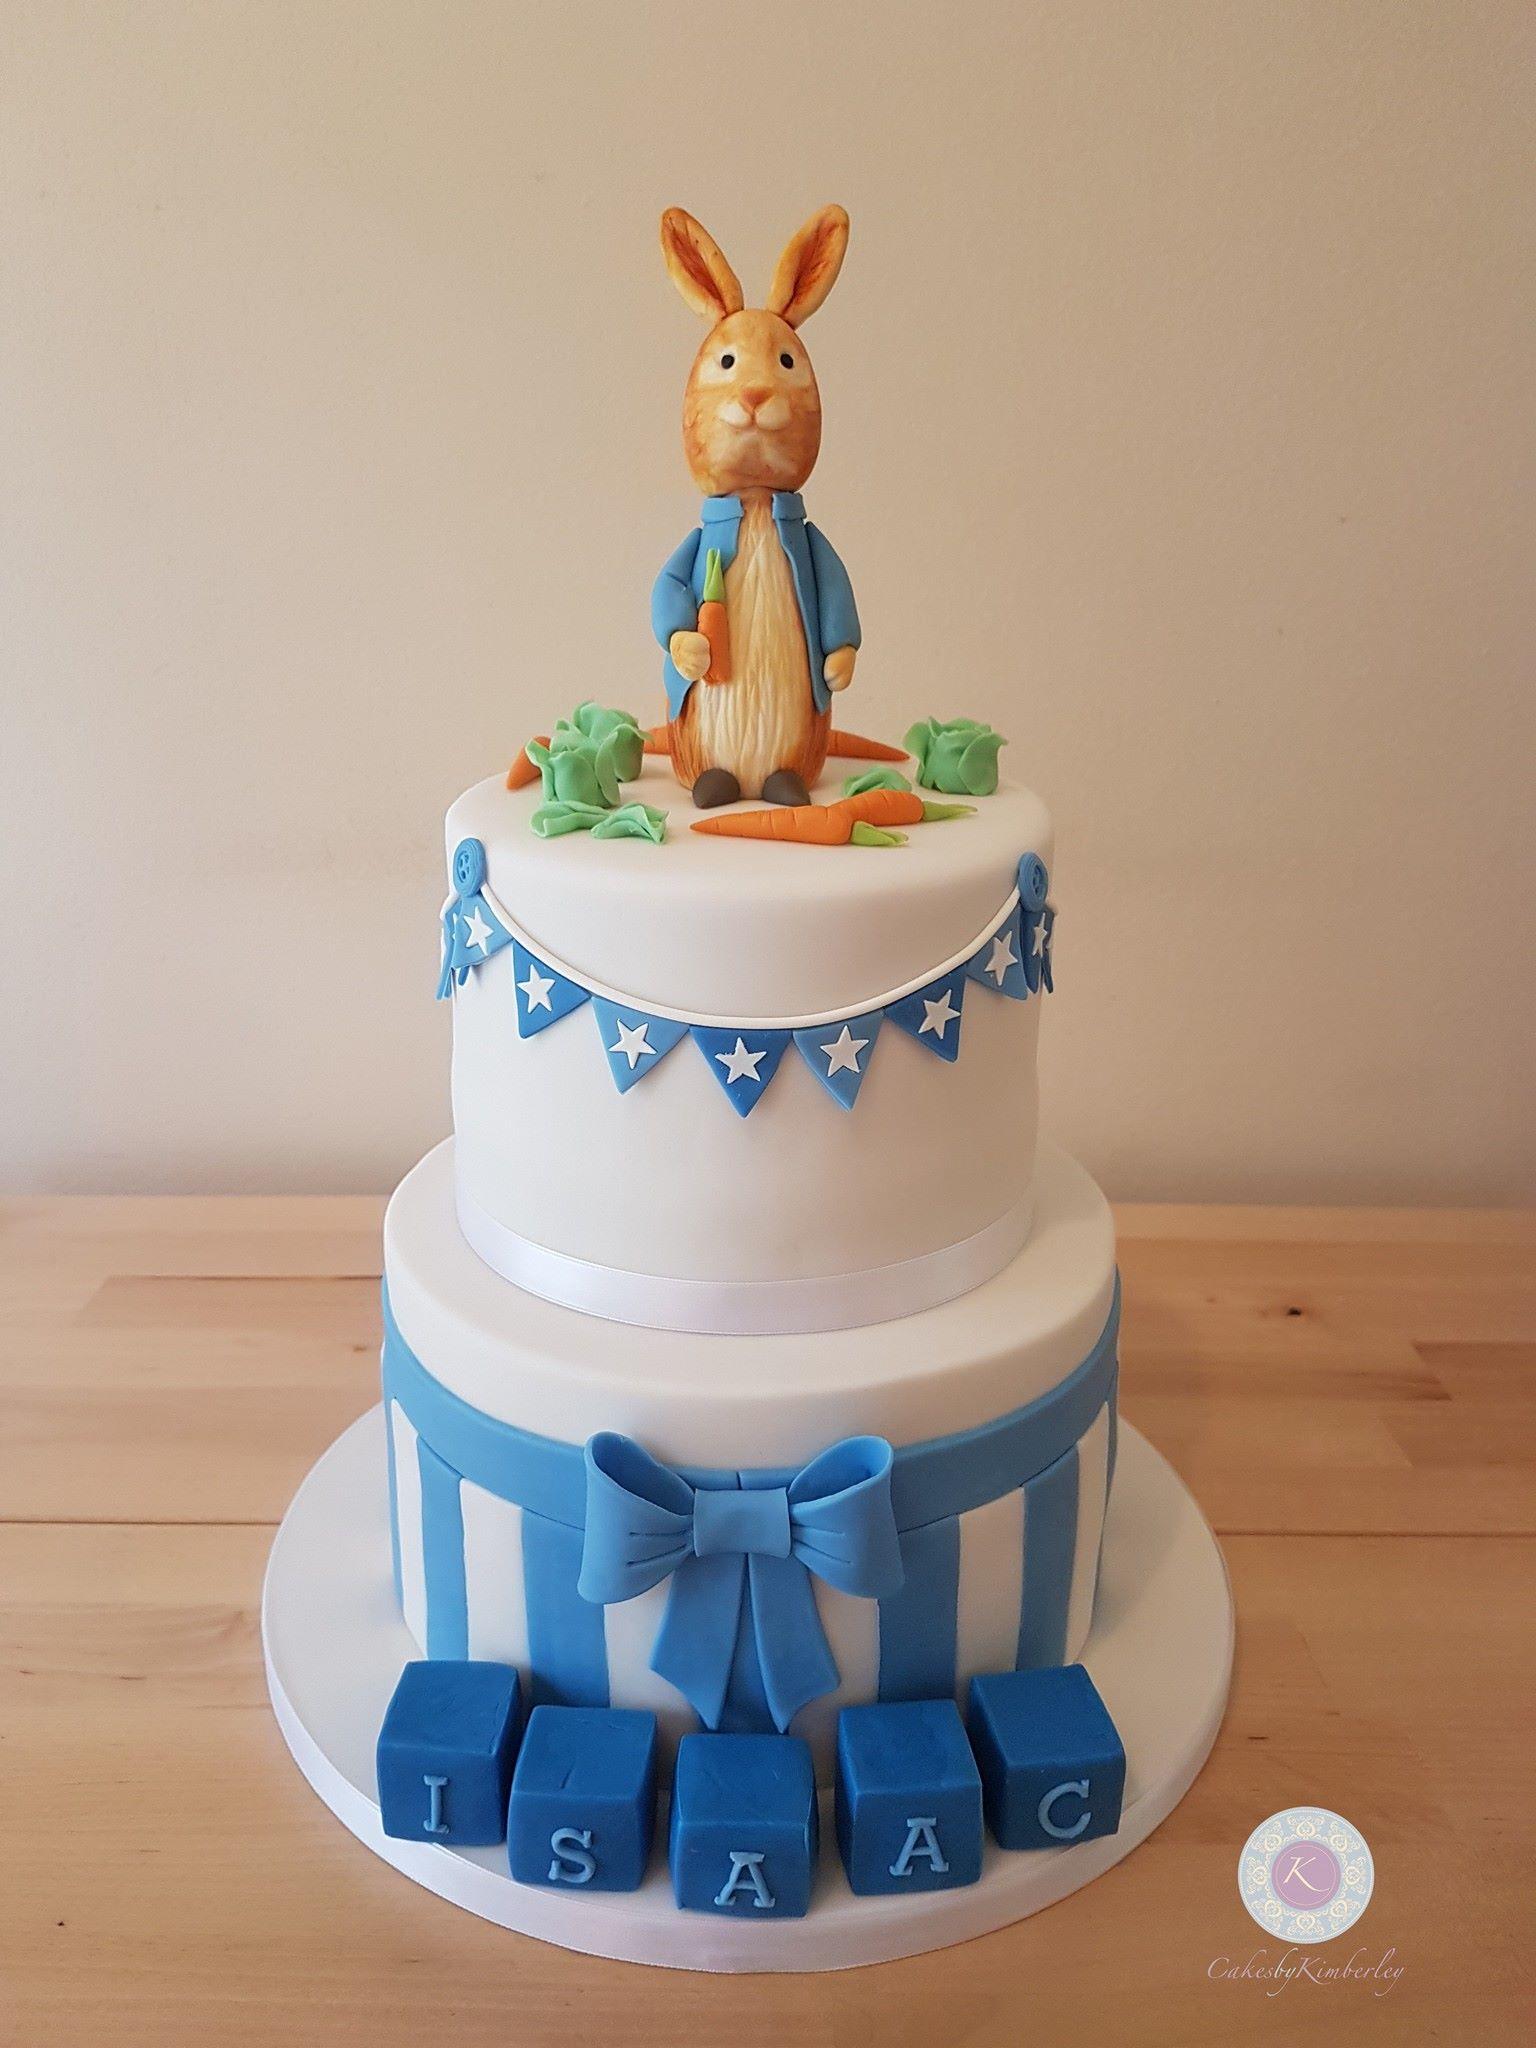 Peter rabbit - Isaac